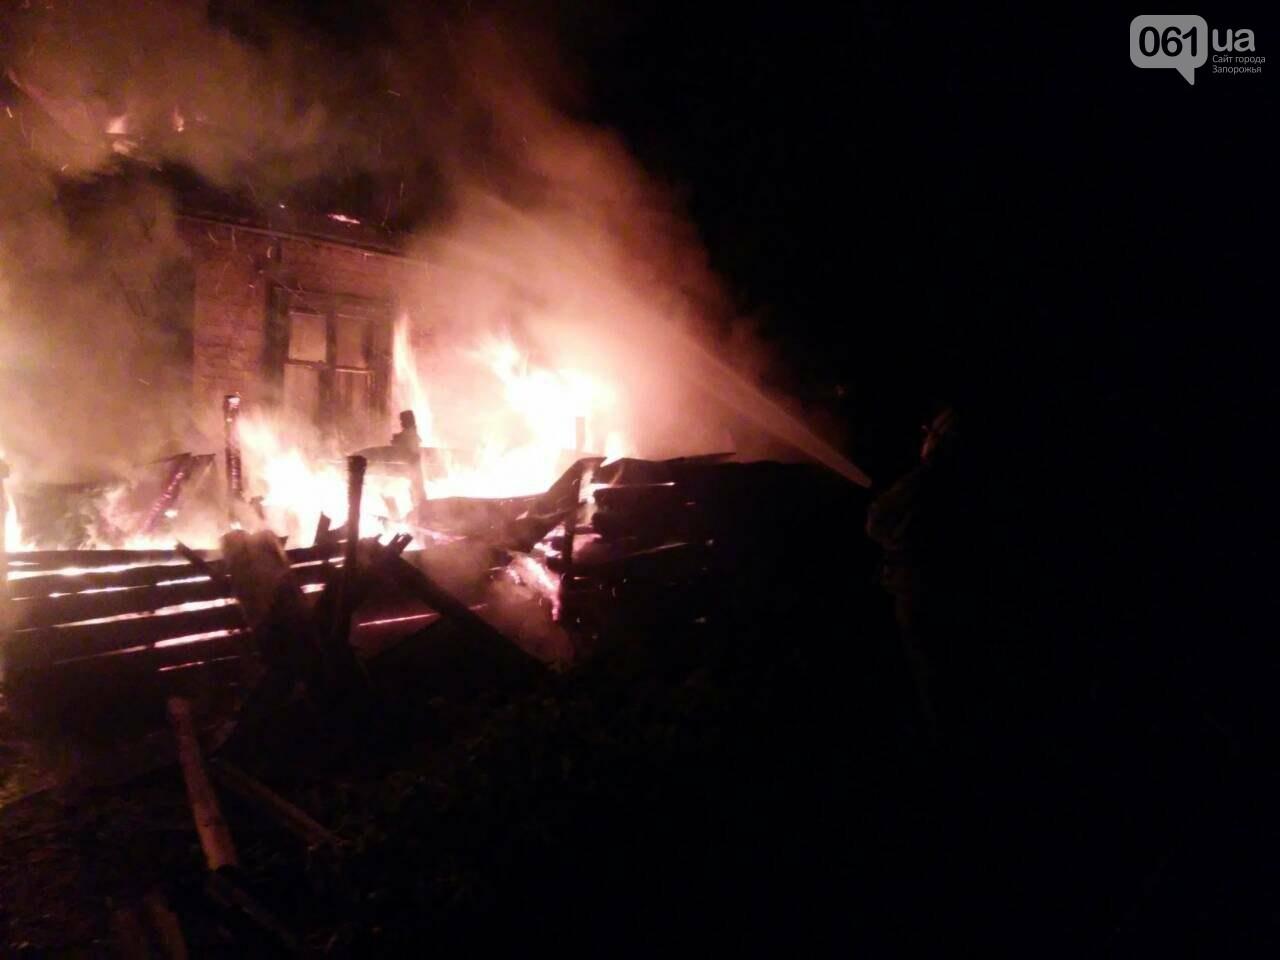 В центре Гуляйполя сгорел жилой дом, - ФОТО, фото-1